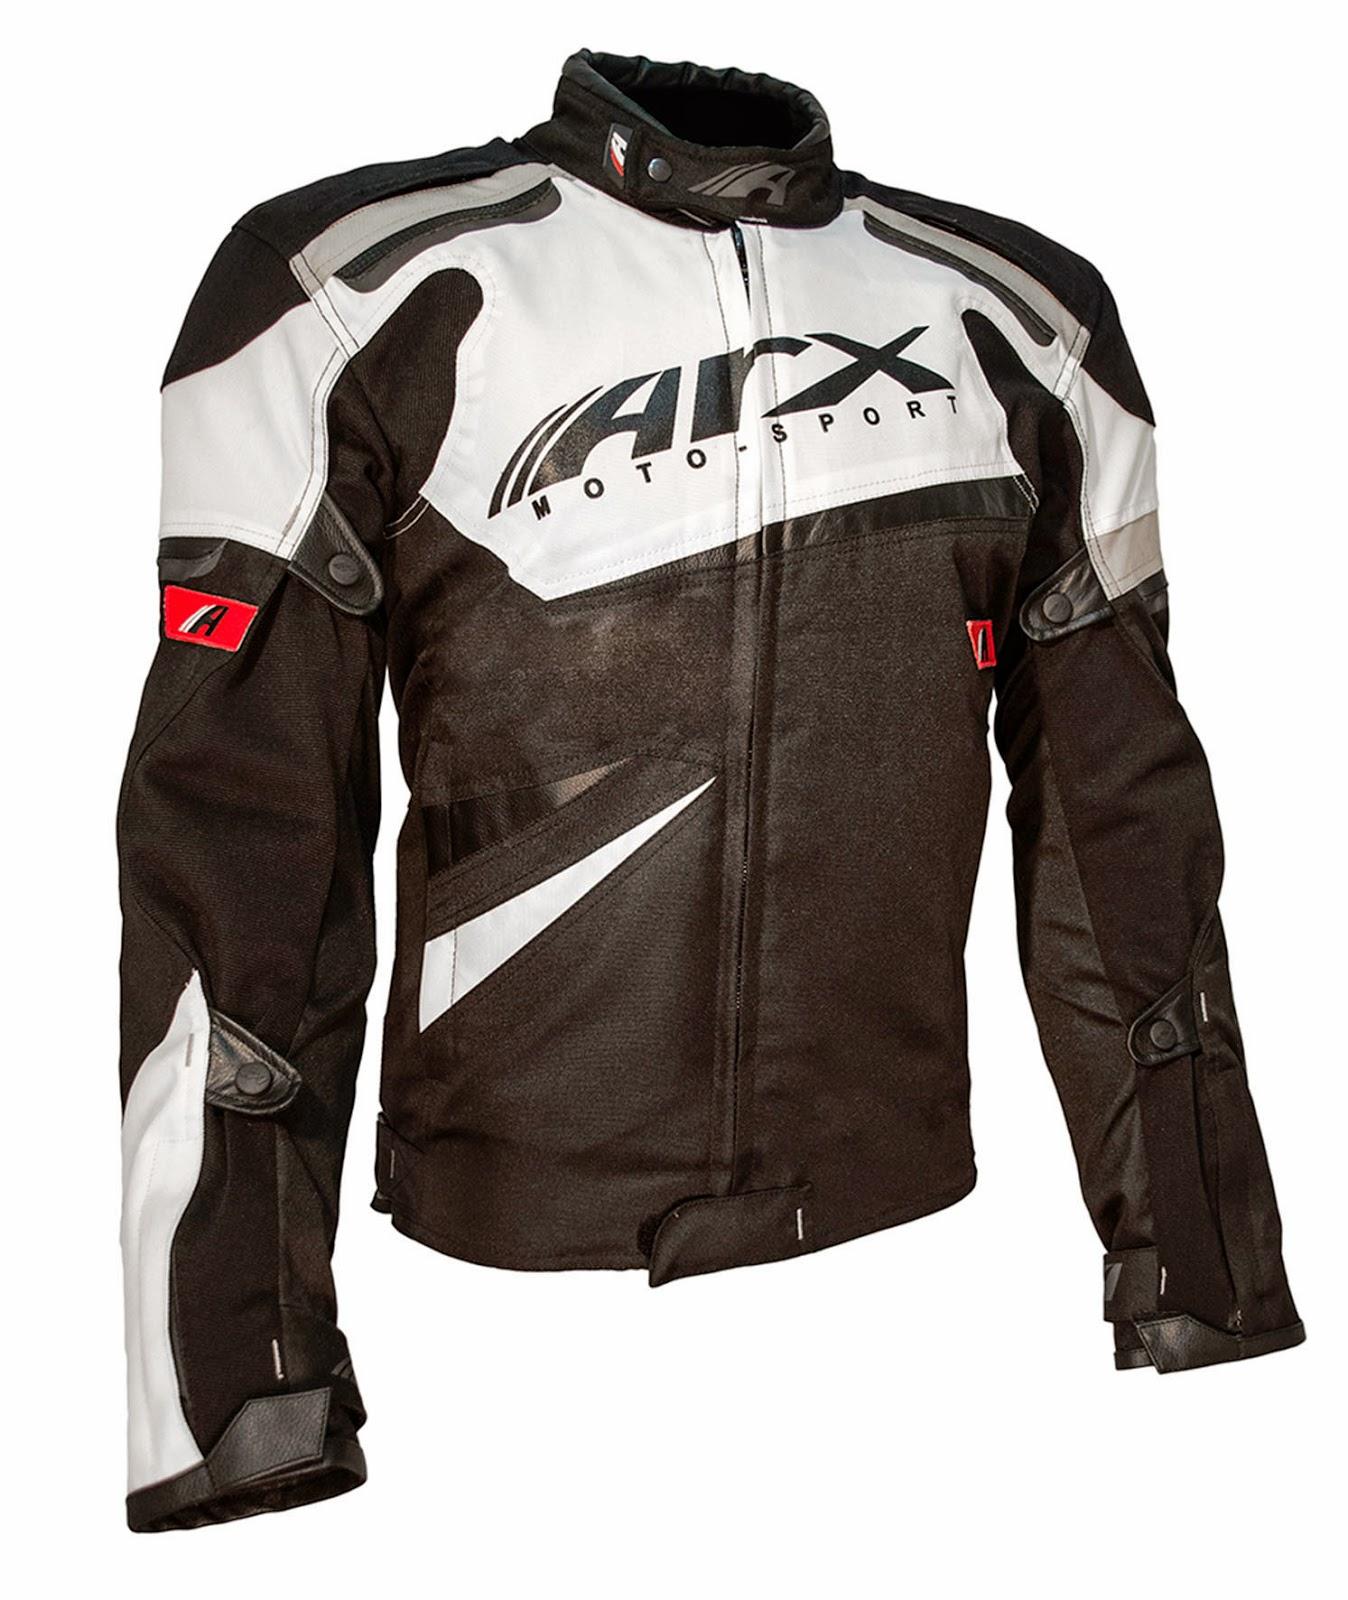 8b332f07e6 Lançamentos ARX  tecnologia europeia sob medida para motociclistas  brasileiros